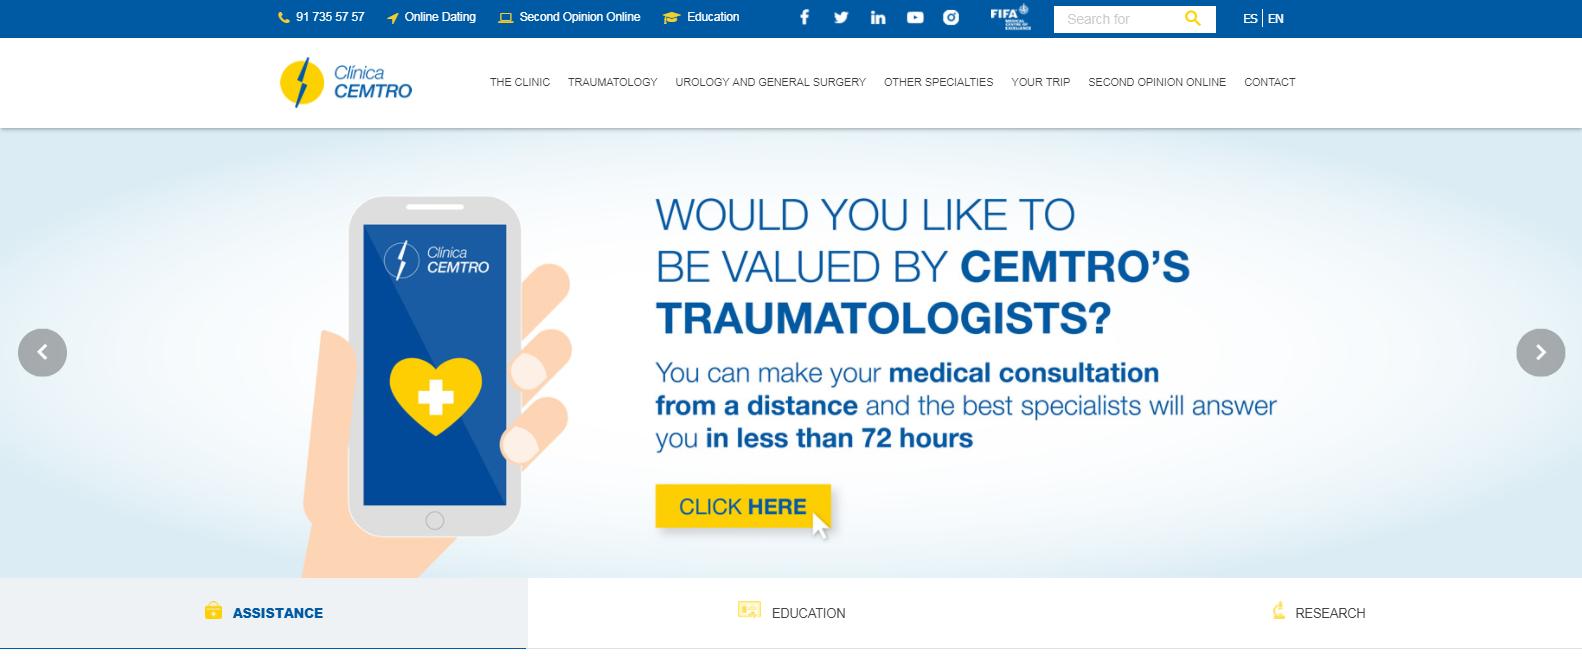 Clinica CEMTRO estrena web Ingles